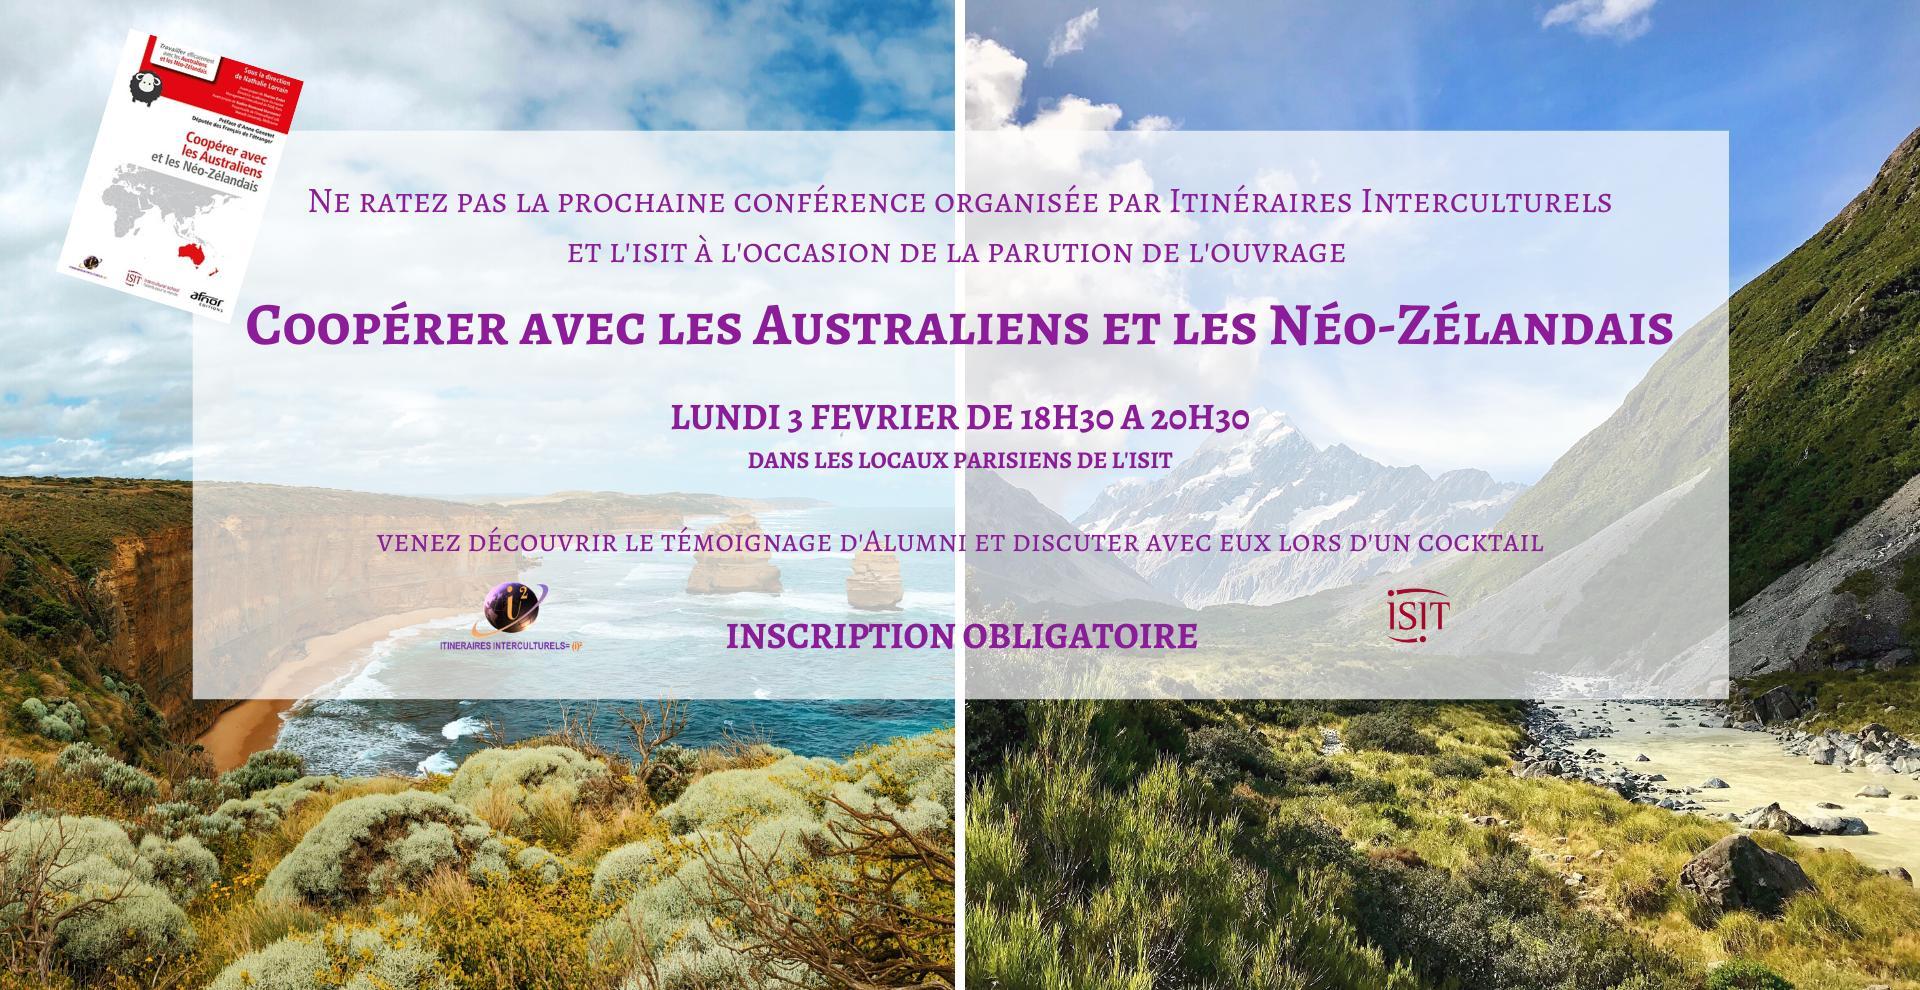 Conférence : coopérer avec les Australiens et les Néo-Zélandais